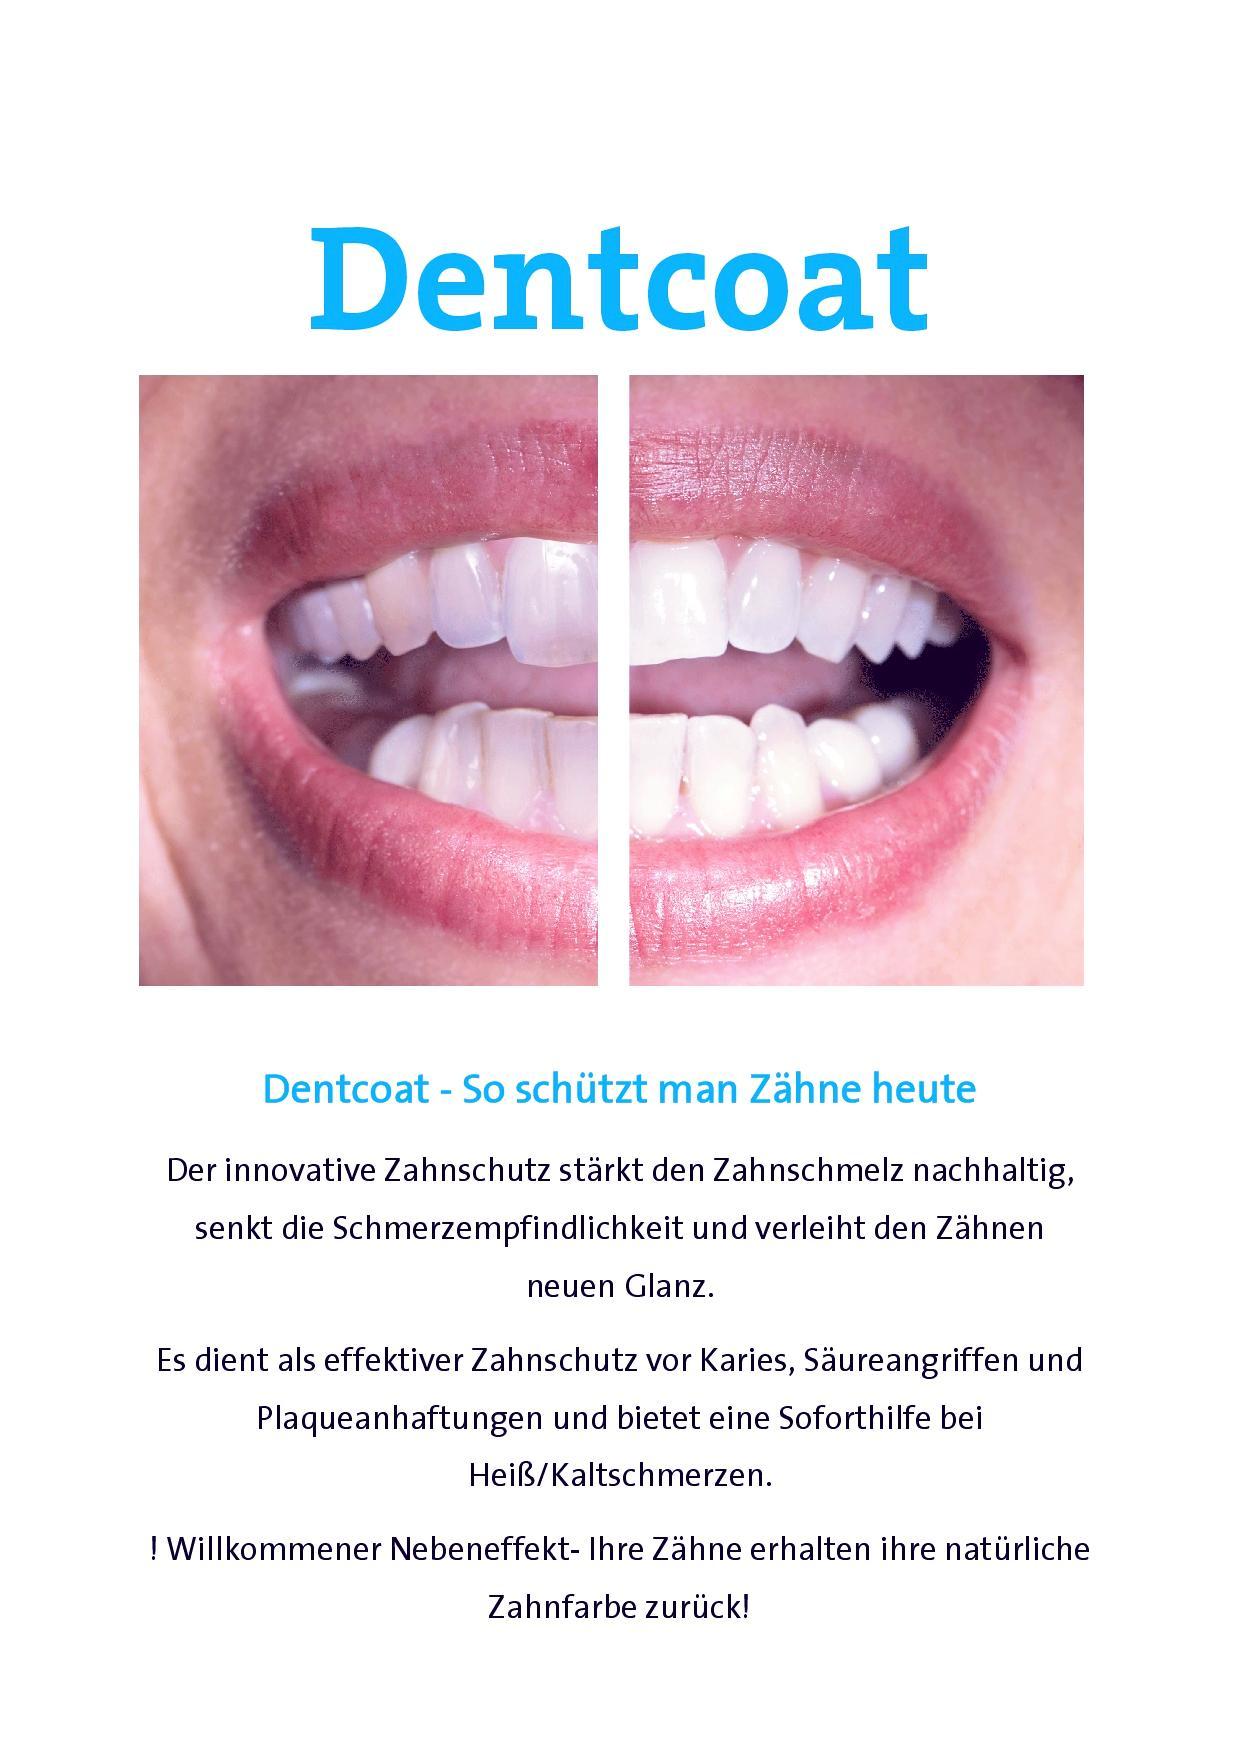 Zahnschutz 2.0 mit Dentcoat- was wir aus dem Tierreich lernen können.